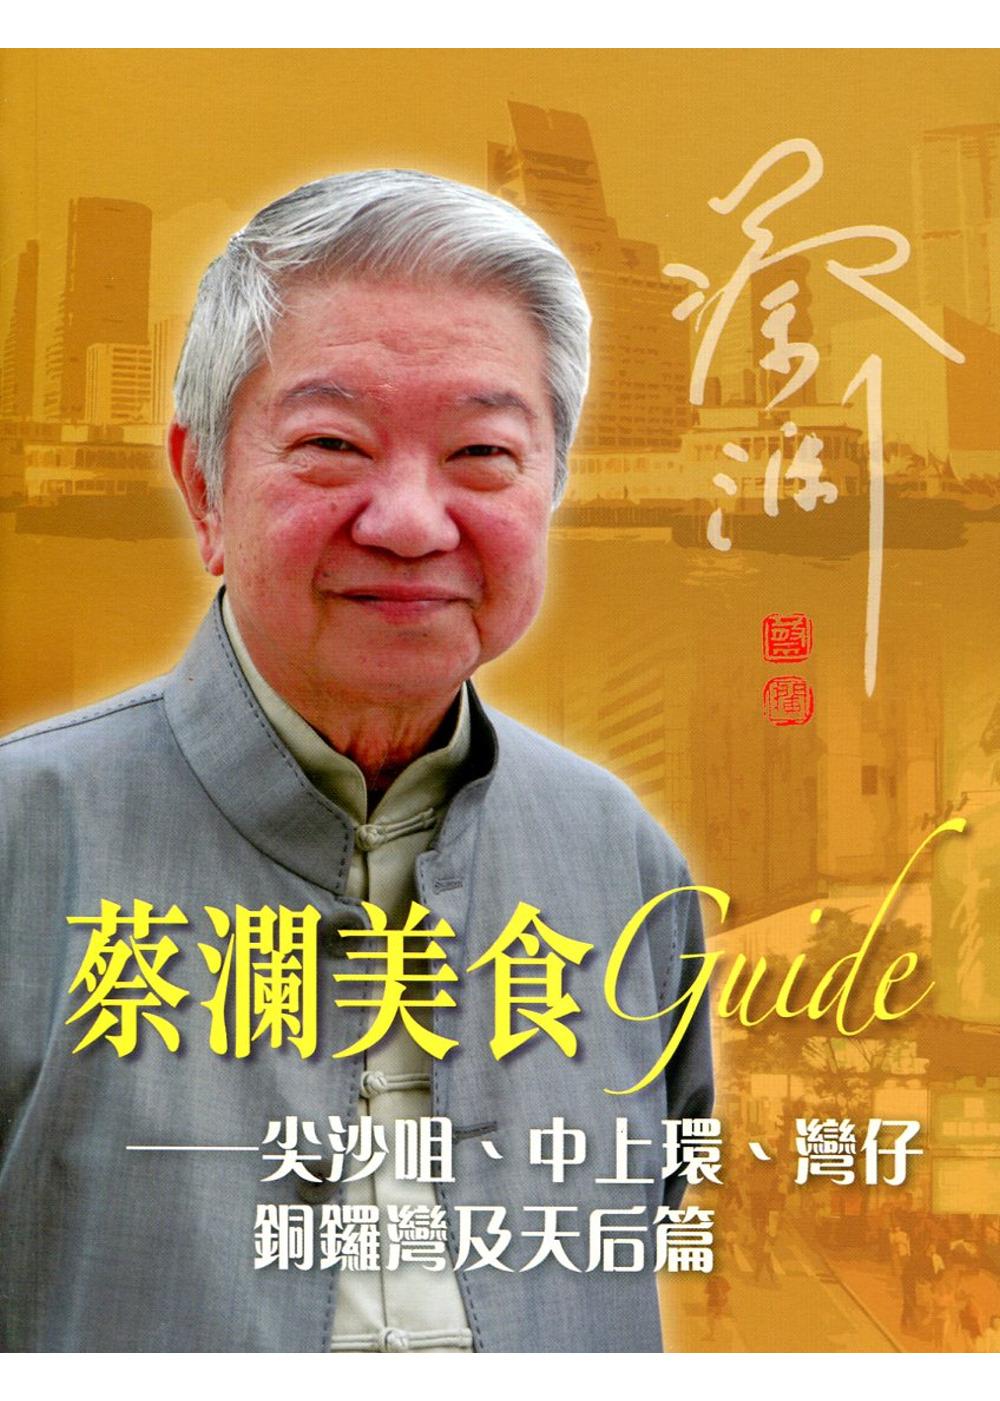 蔡瀾美食 Guide:尖沙咀、中上環、灣仔、銅鑼灣及天后篇